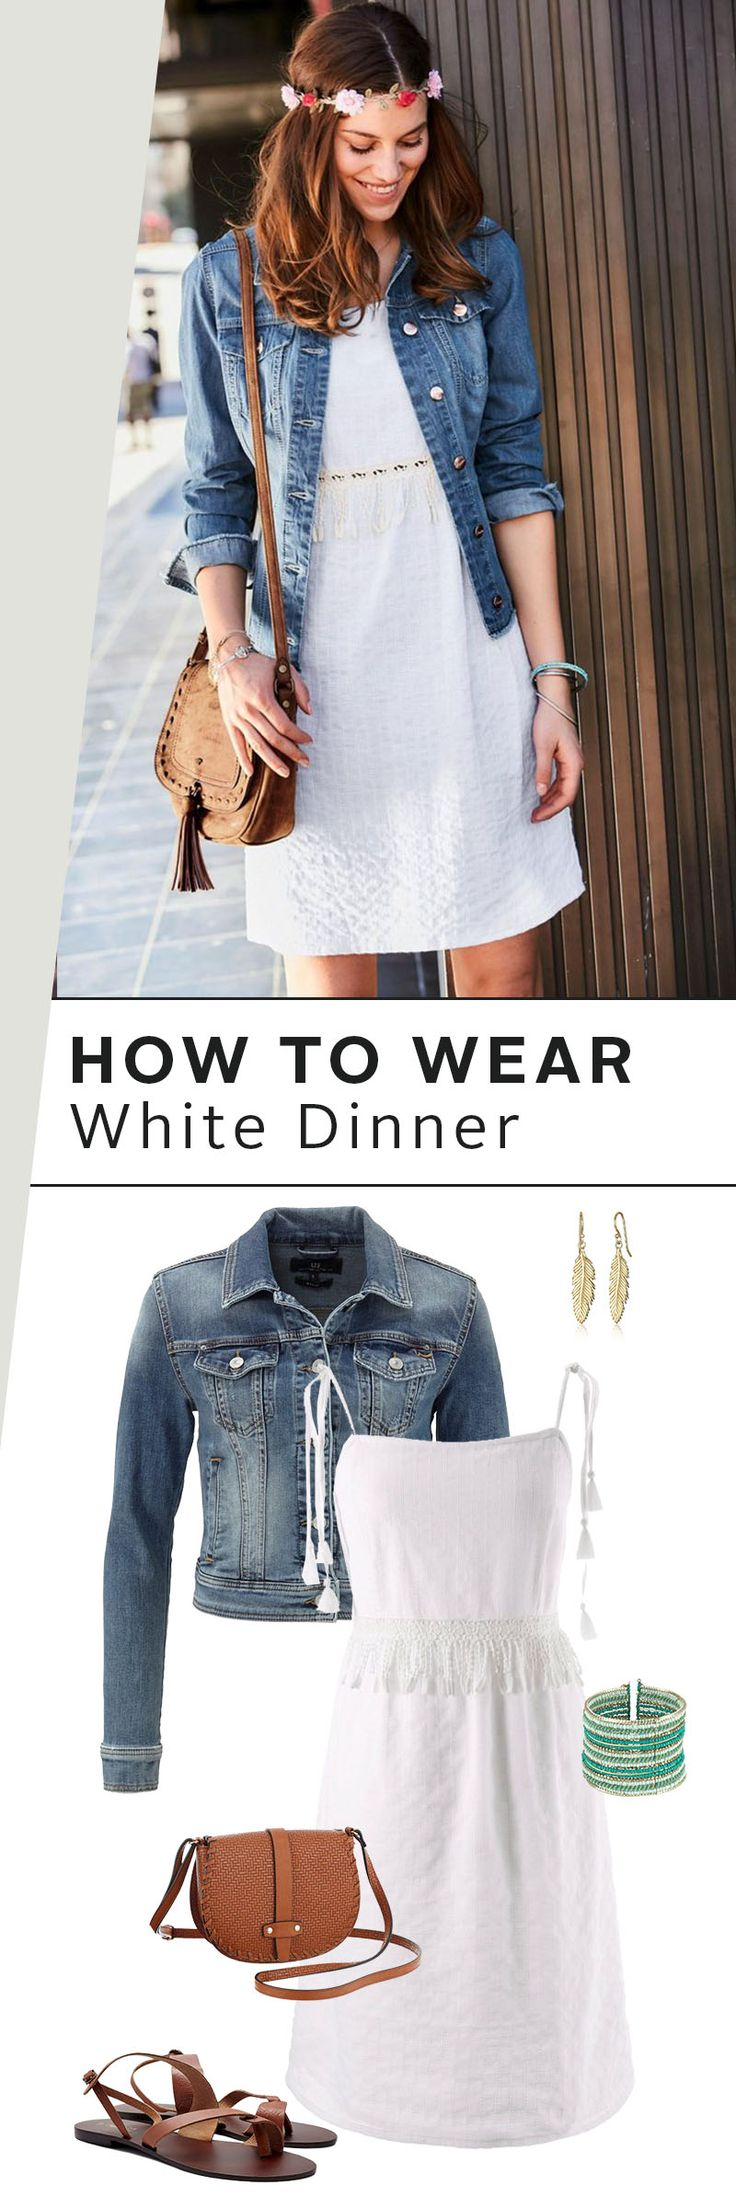 Deine streetstylische Alternative zum klassischen White Dinner-Look: Das süße Spagettikleid kombinierst du einfach mit einer Jeansjacke und Ethnoschmuck. Die Ledersandalen und die Ledertasche runden deinen Look perfekt ab.